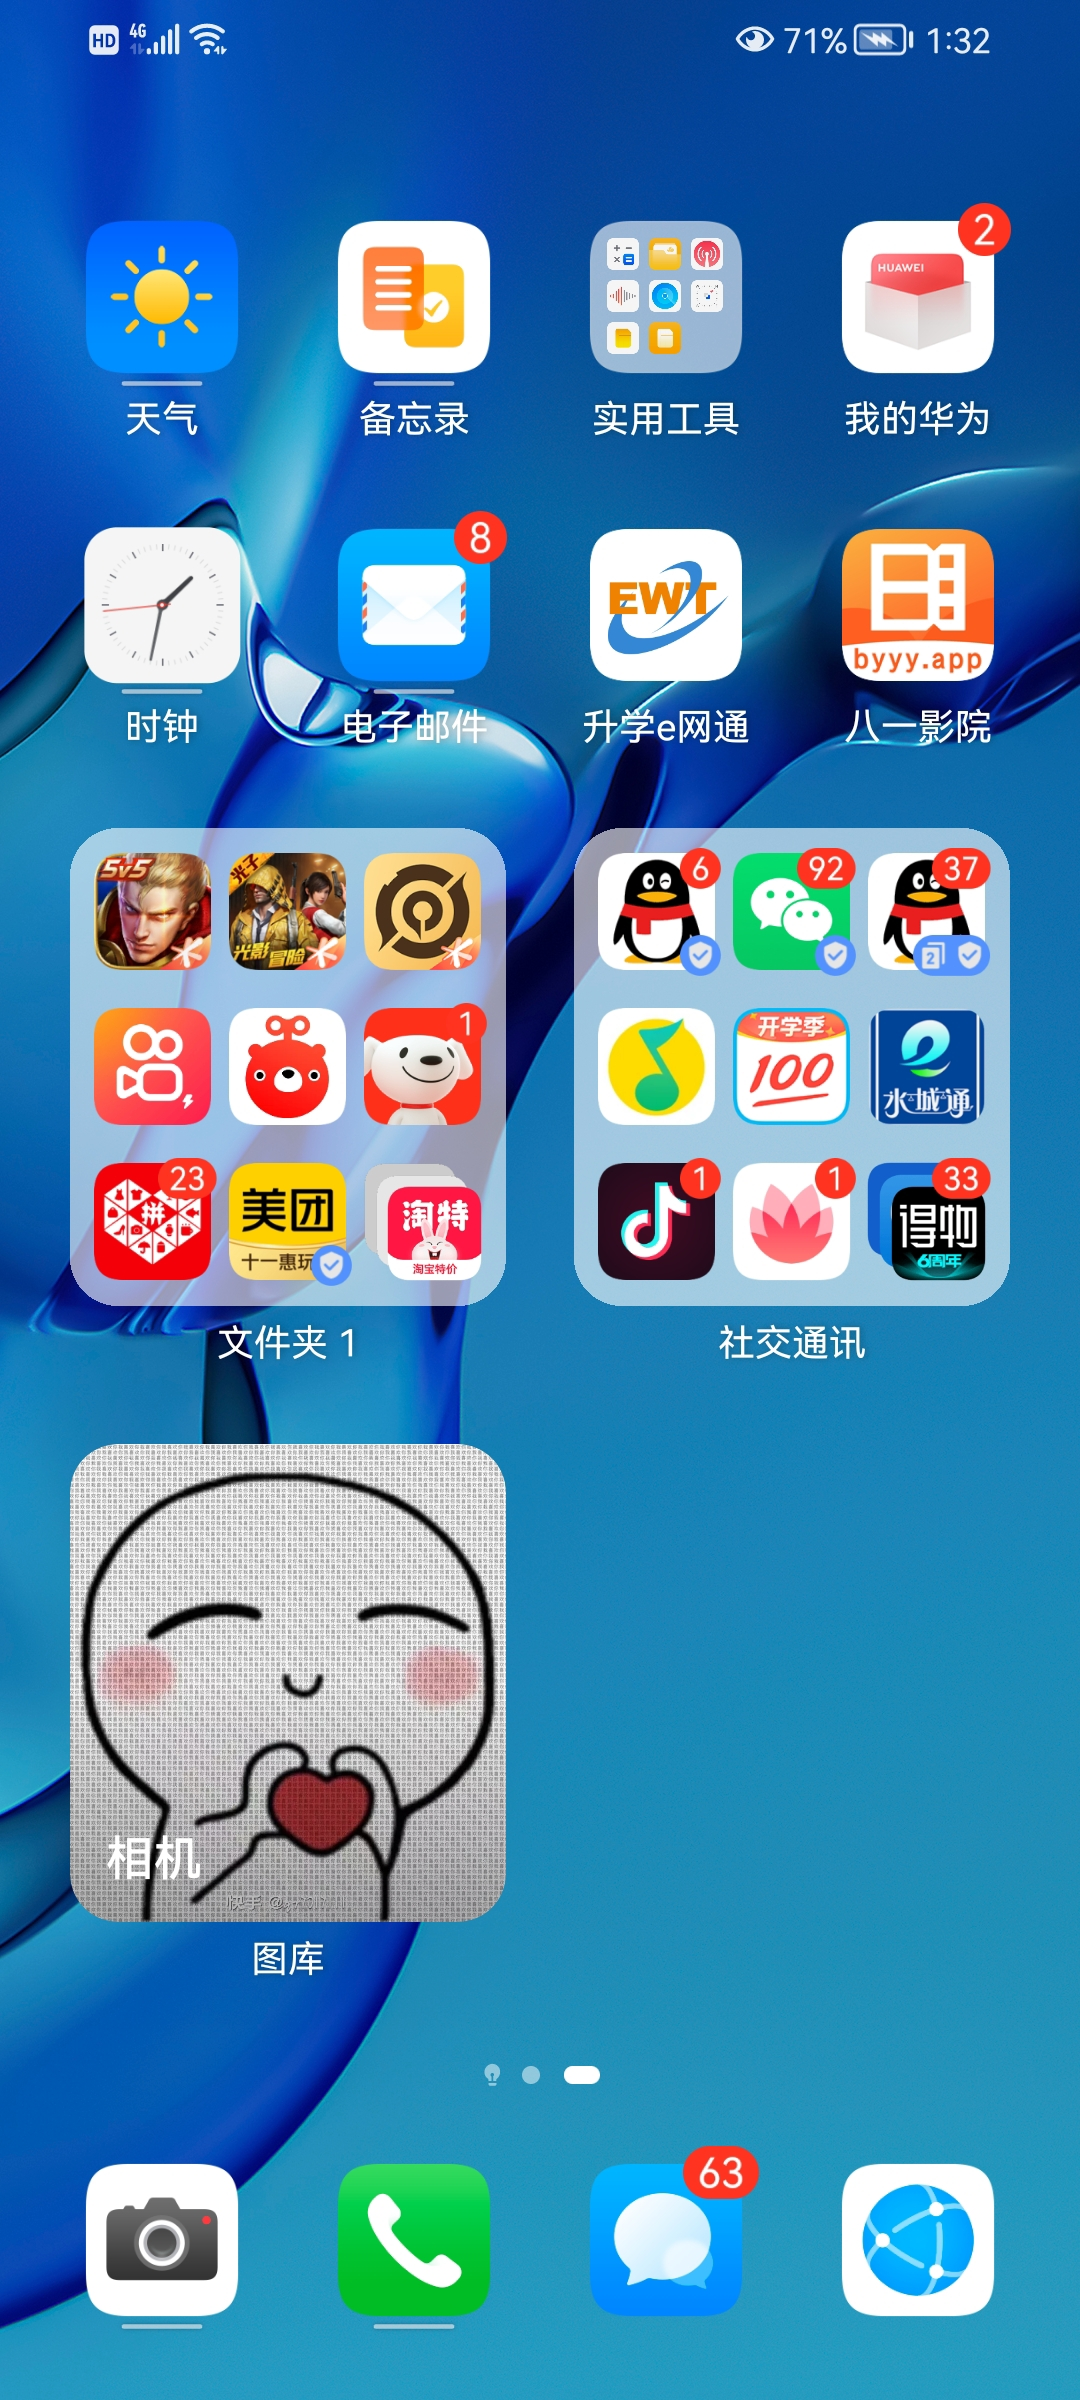 Screenshot_20210921_133245_com.huawei.android.launcher.jpg